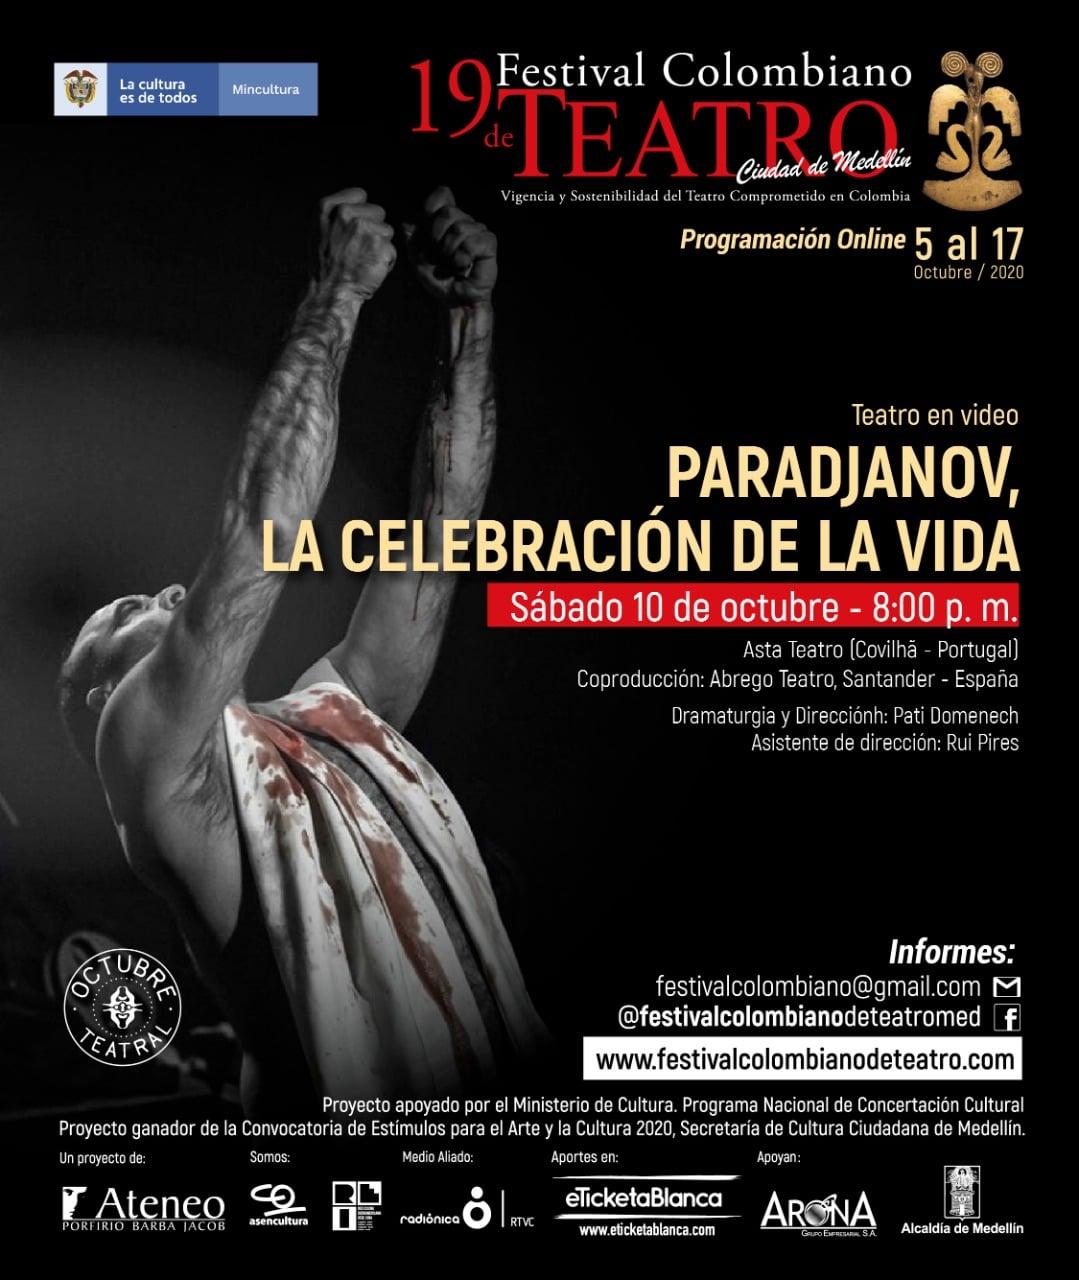 ASTA vai exibir espetáculo em festival da Colômbia